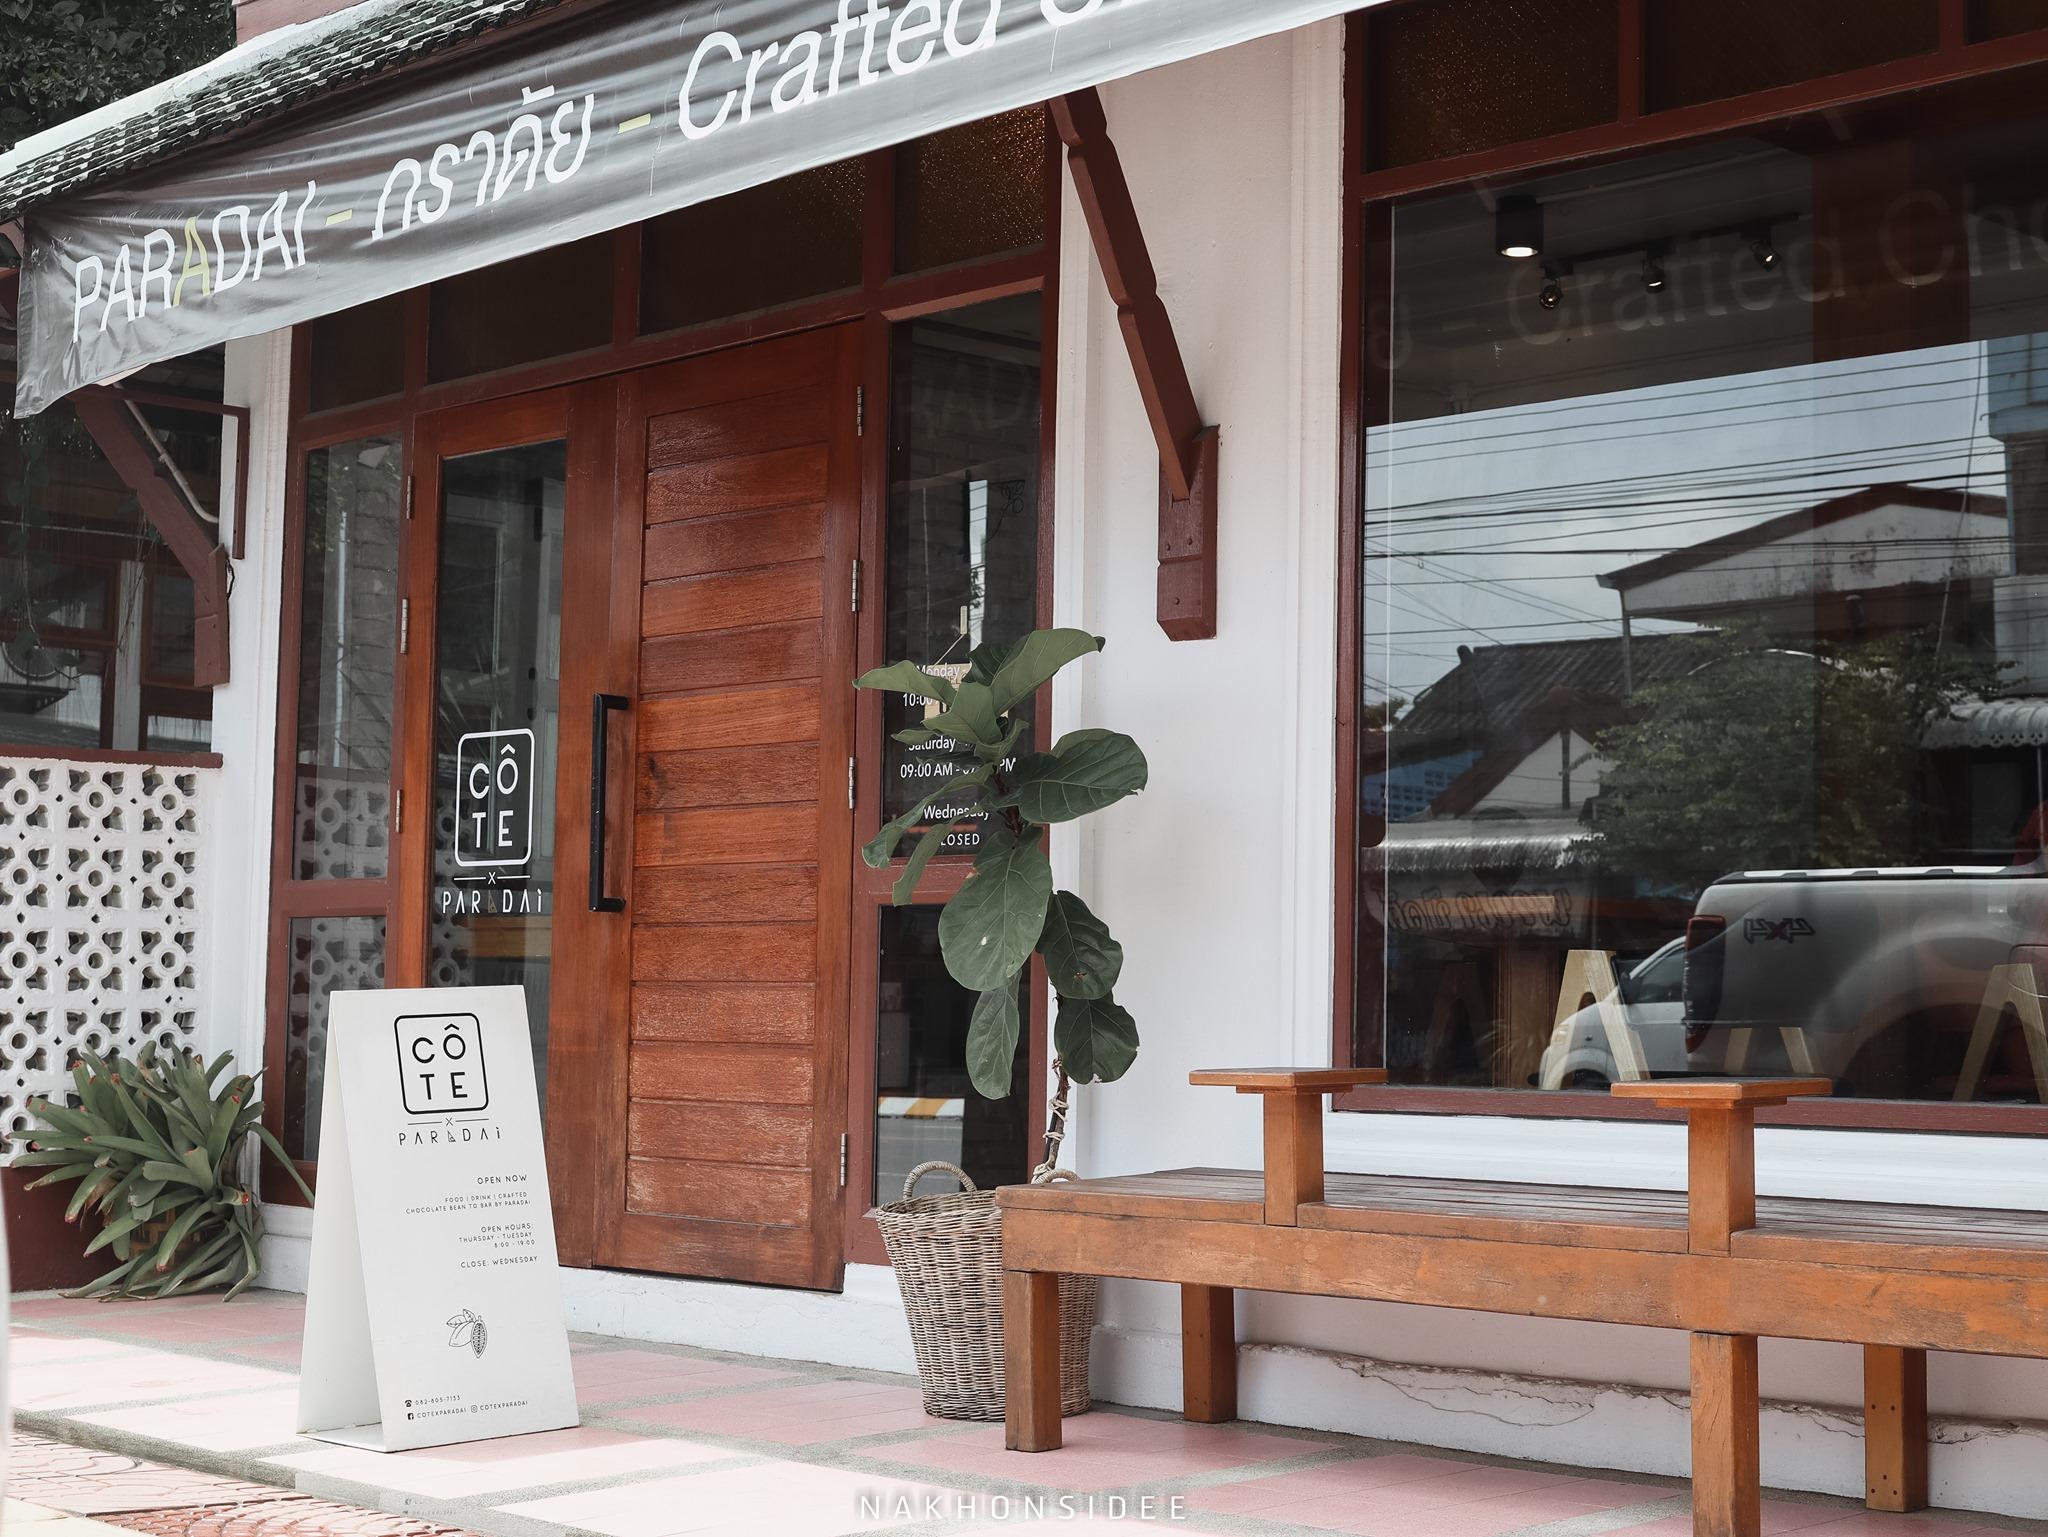 หน้าร้านสวยๆ-สไตล์มินิมอล-มีที่นั่งถ่ายรูปหน้าร้านแบบชิคๆ โกโก้,ช็อกโกแลต,ภาราดัย